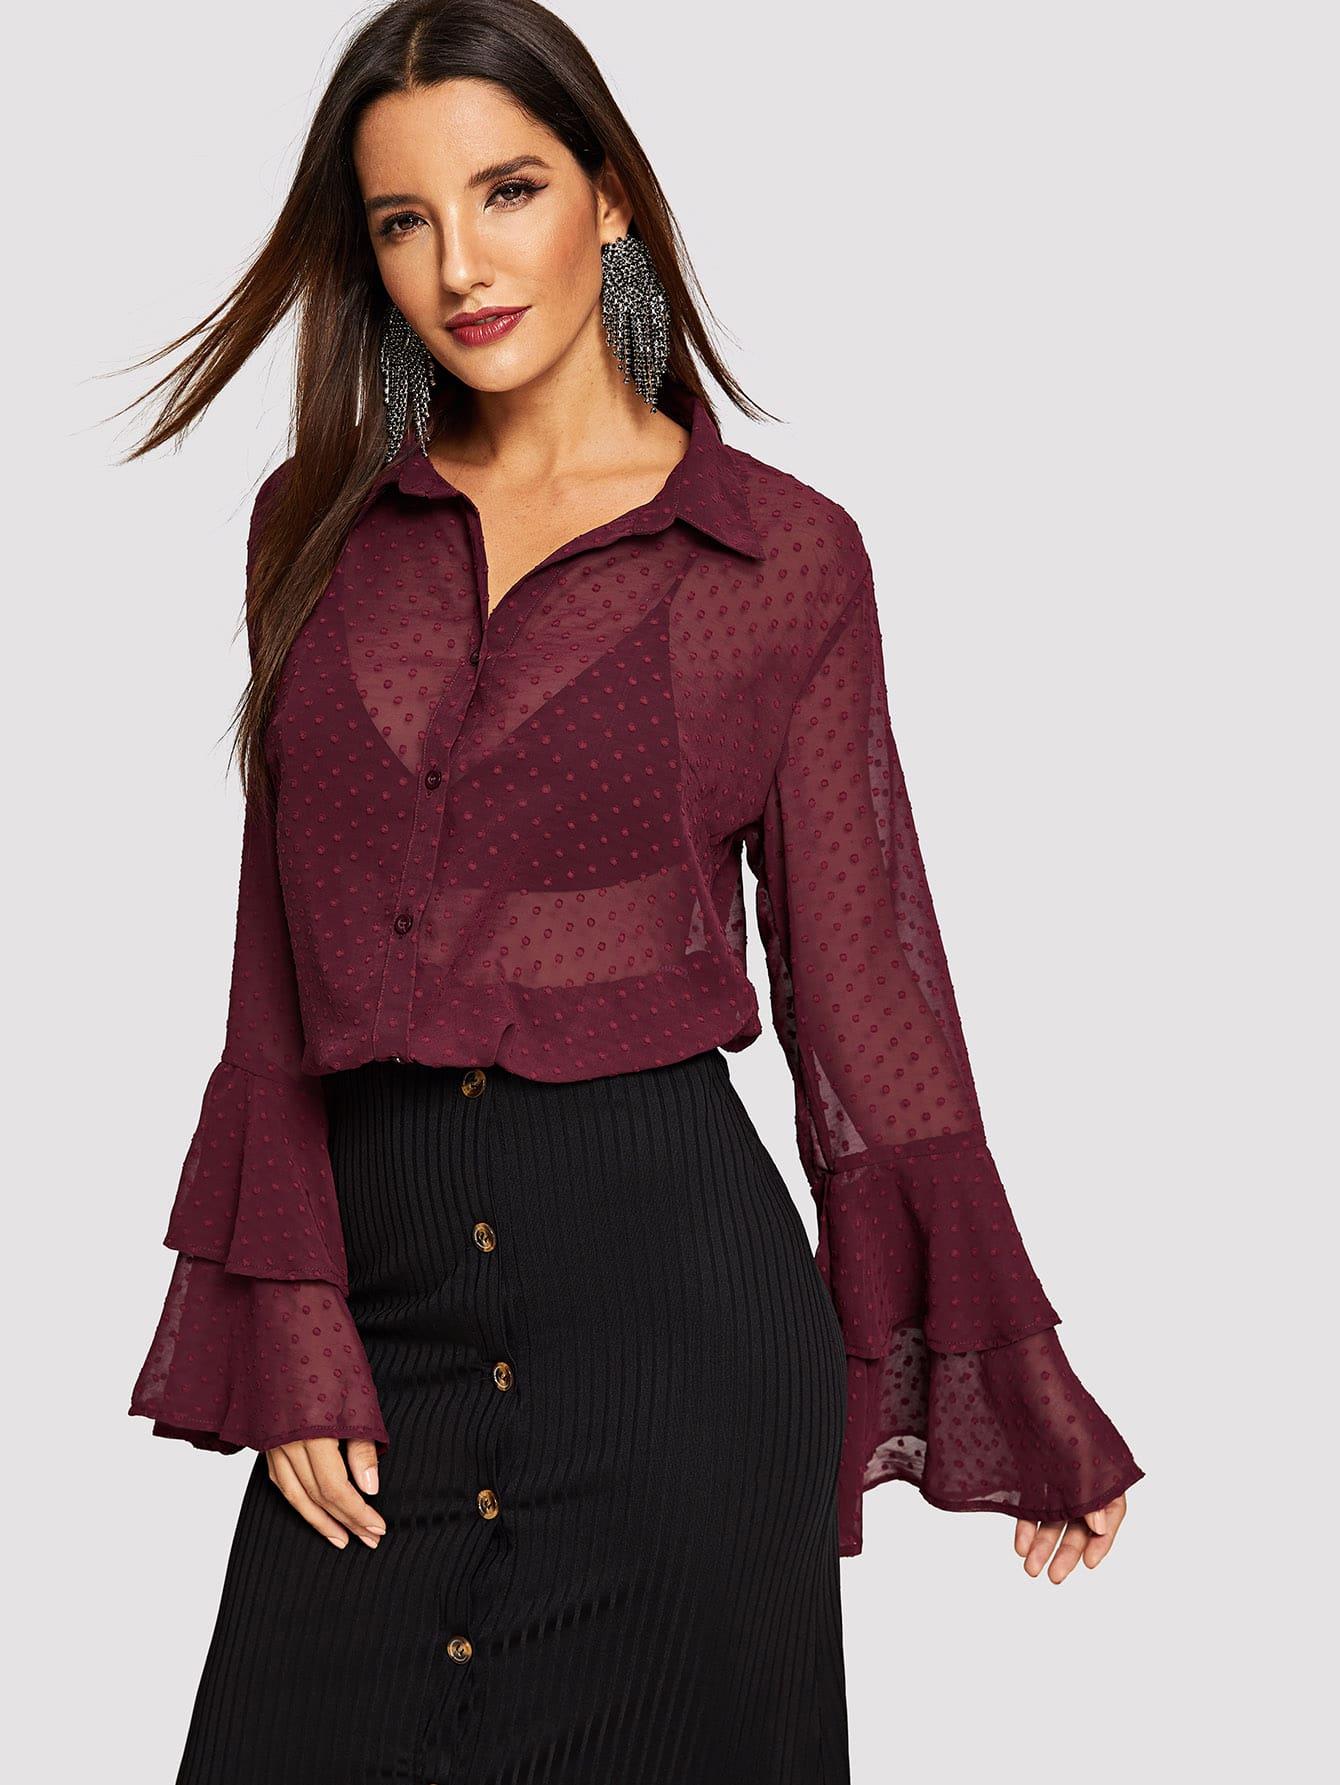 Купить Прозрачная блузка в горошек с оборками рукавами, Juliana, SheIn